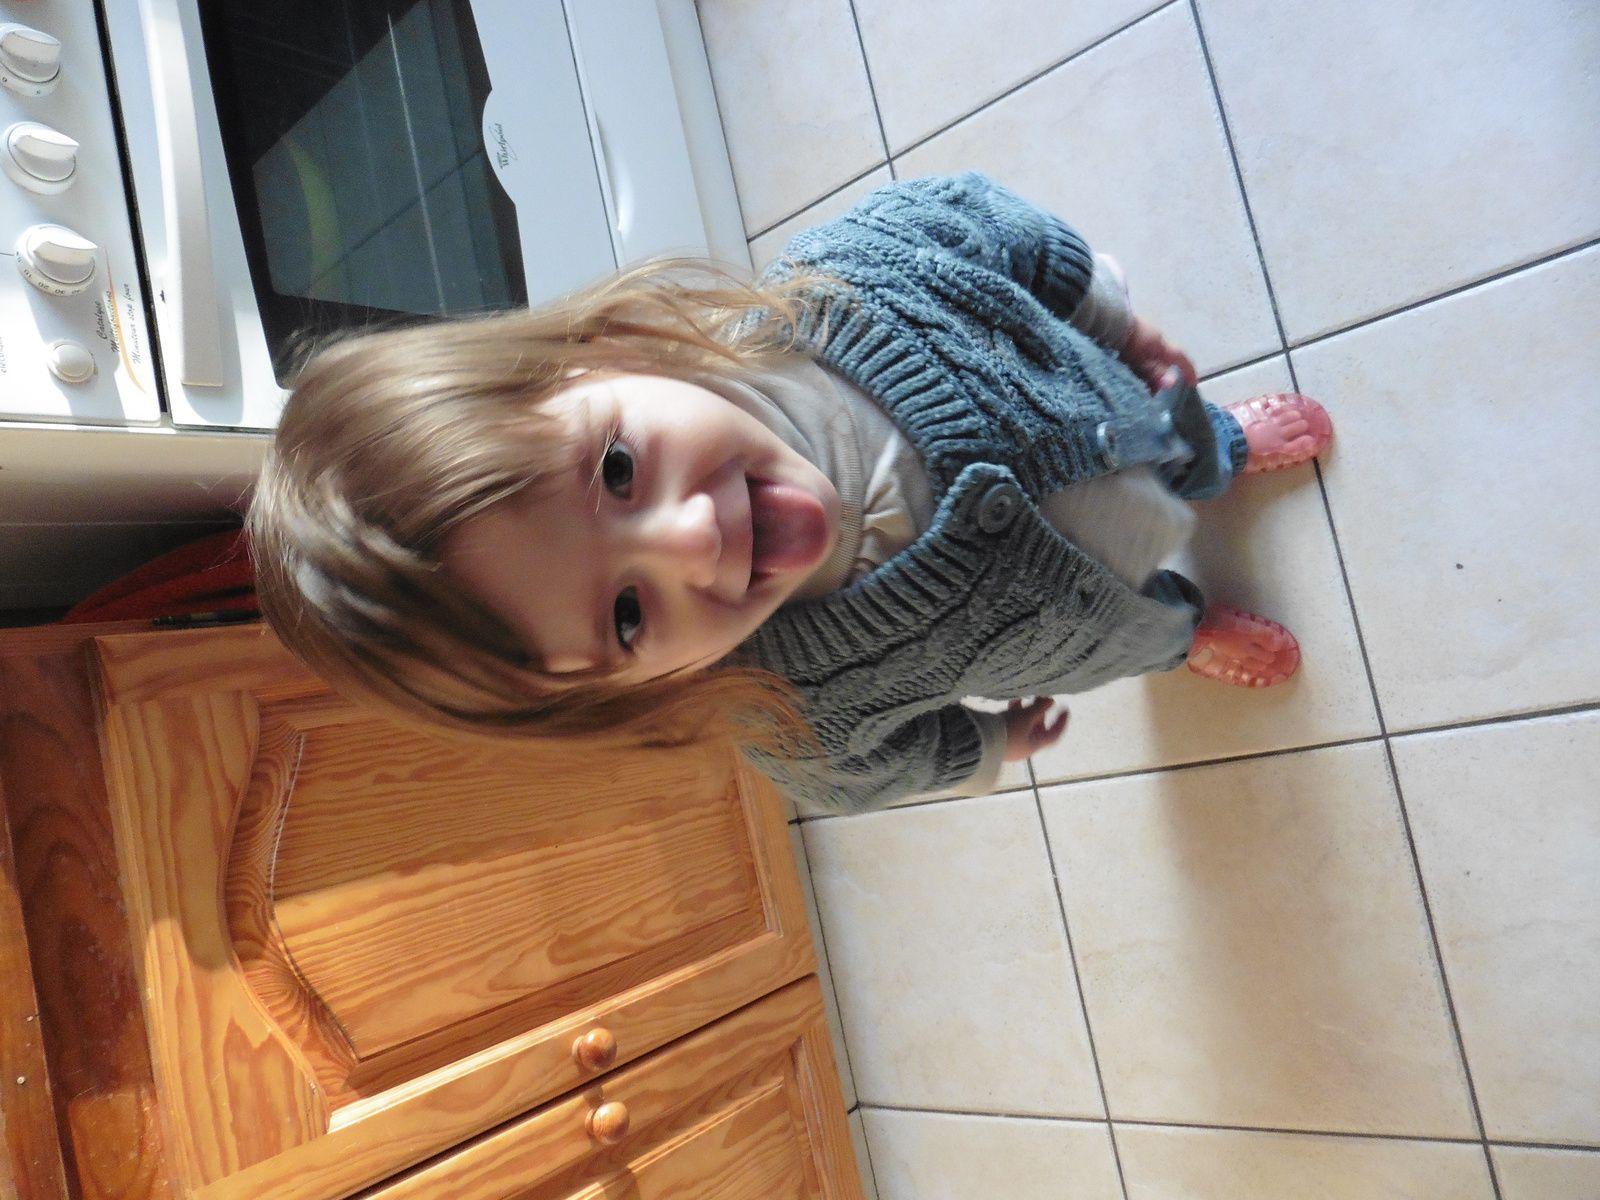 Lyssana qui a trouvé le sac de marraine avec tout plein de jolies chaussures pour cette été !